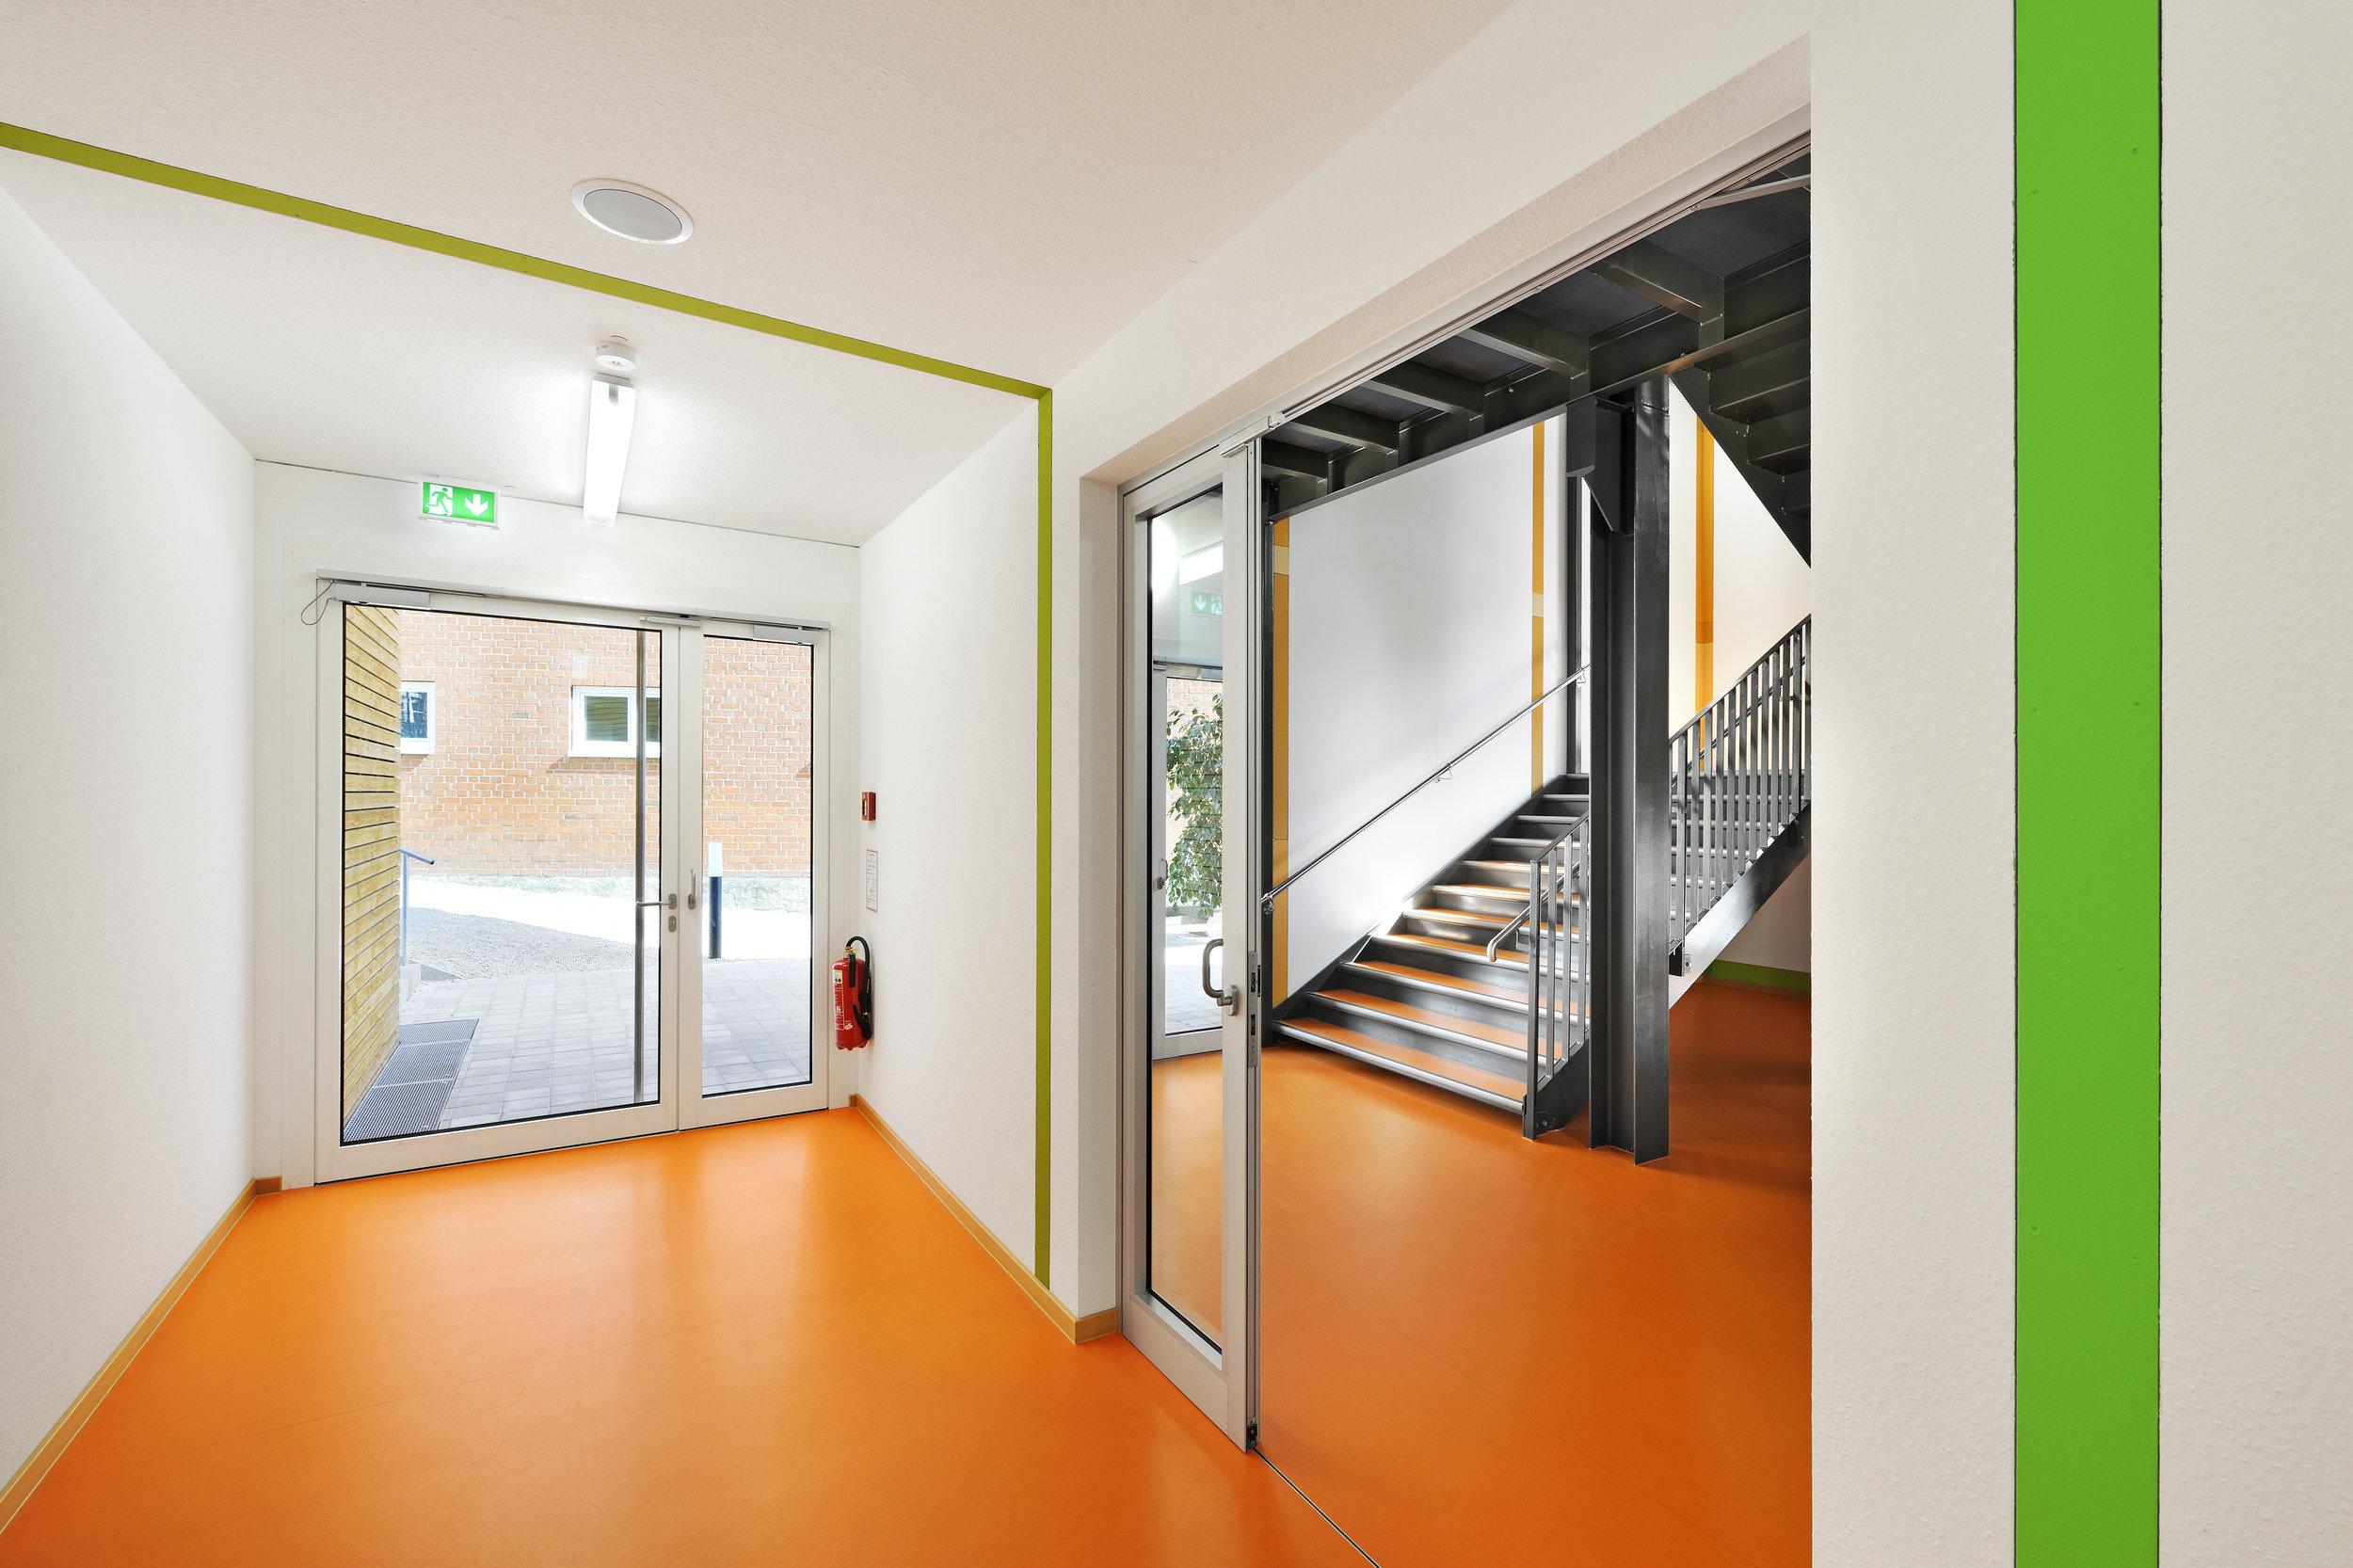 Flur in Schulgebäude in heller und moderner Atmosphäre